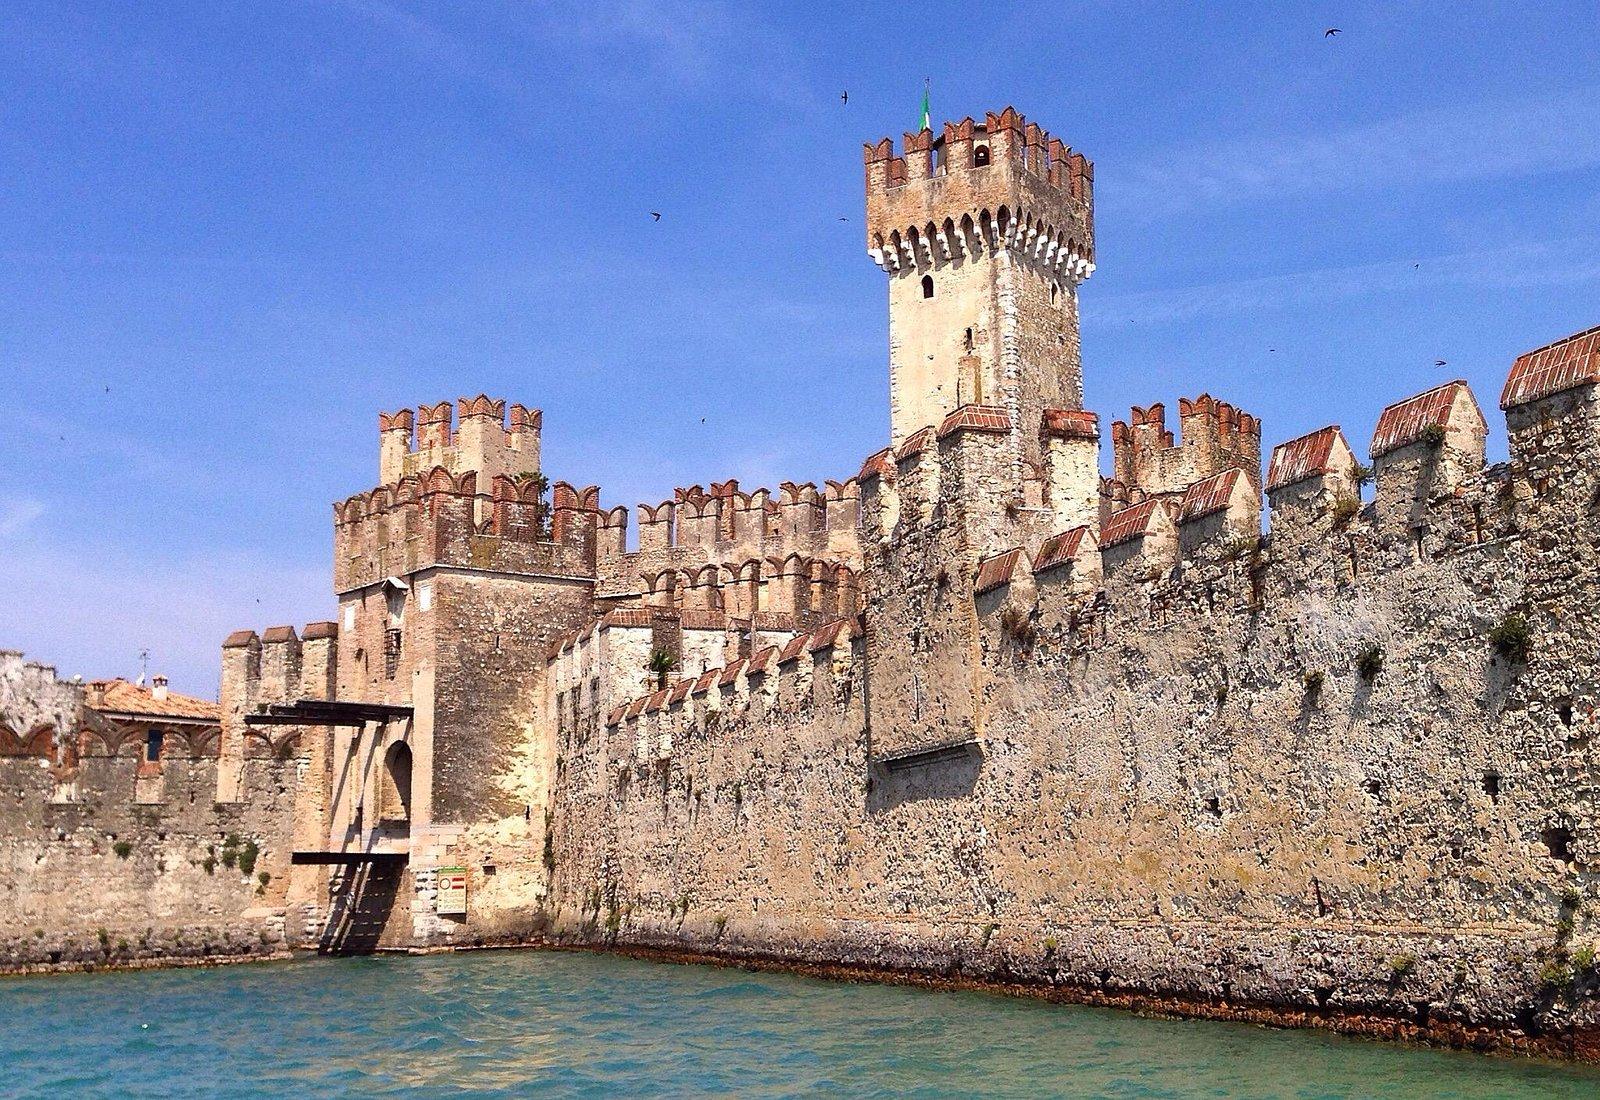 La fortezza vista dal lago